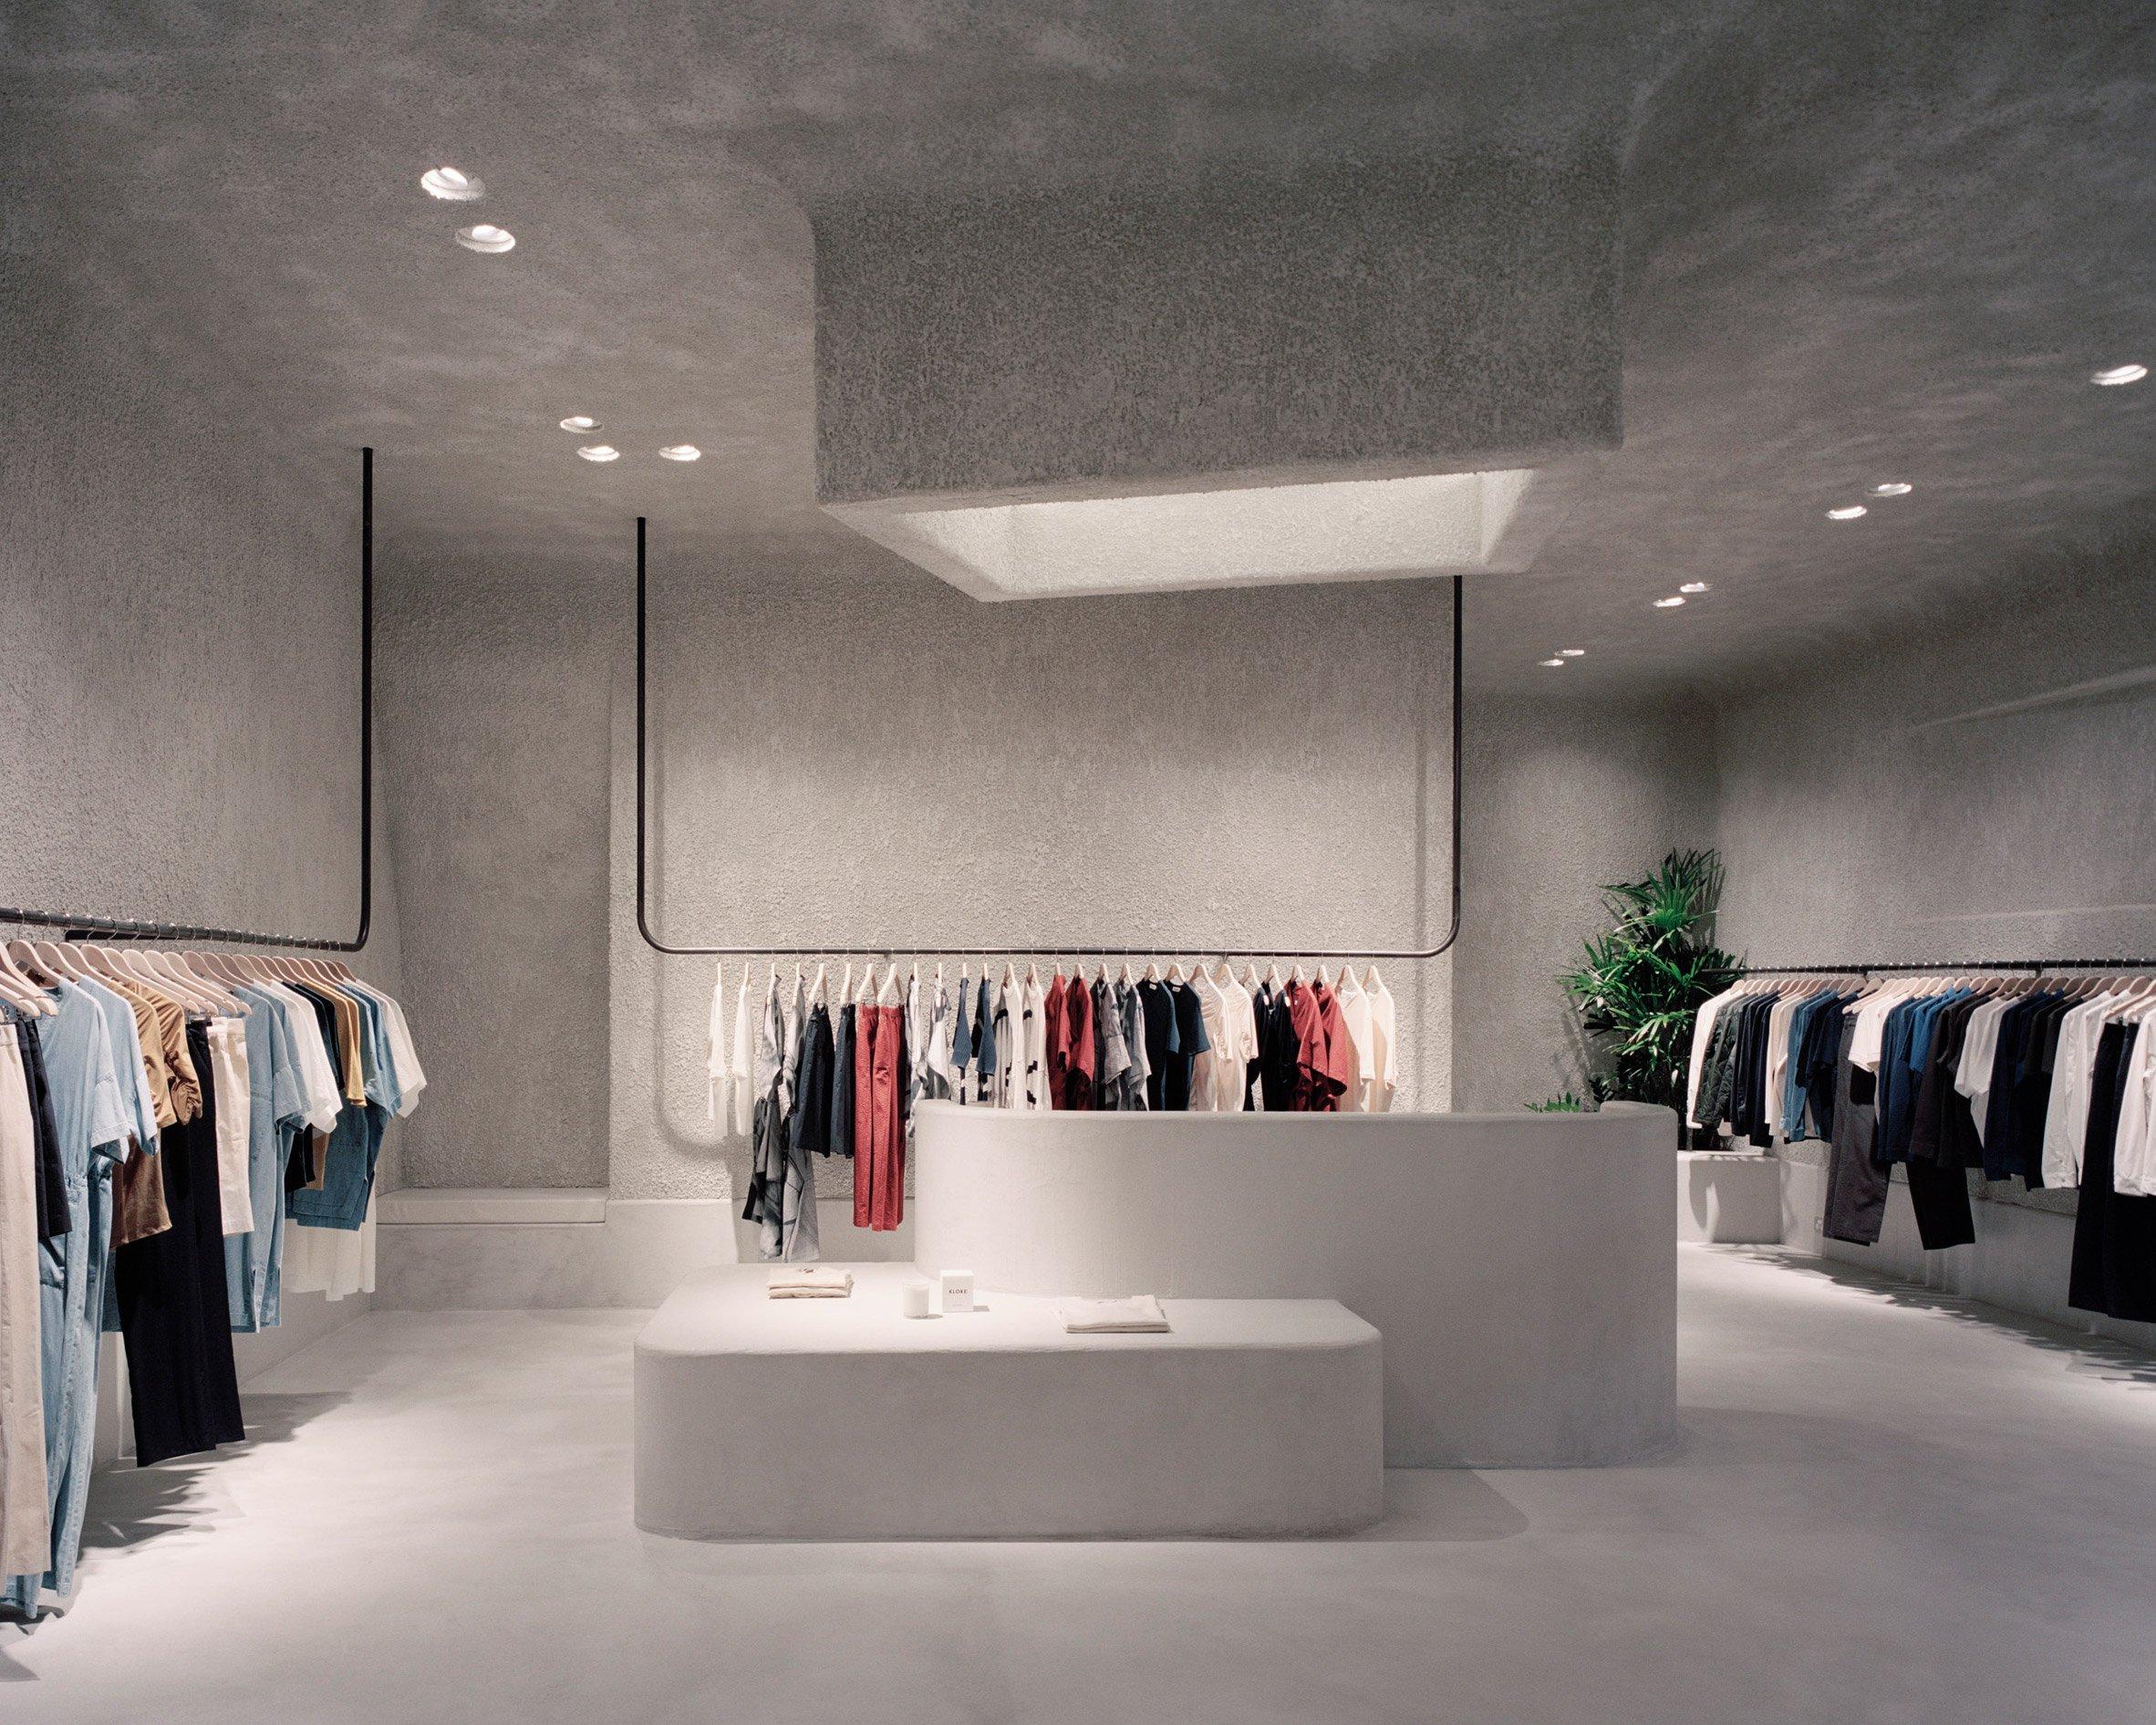 Kloke store by Studio Goss